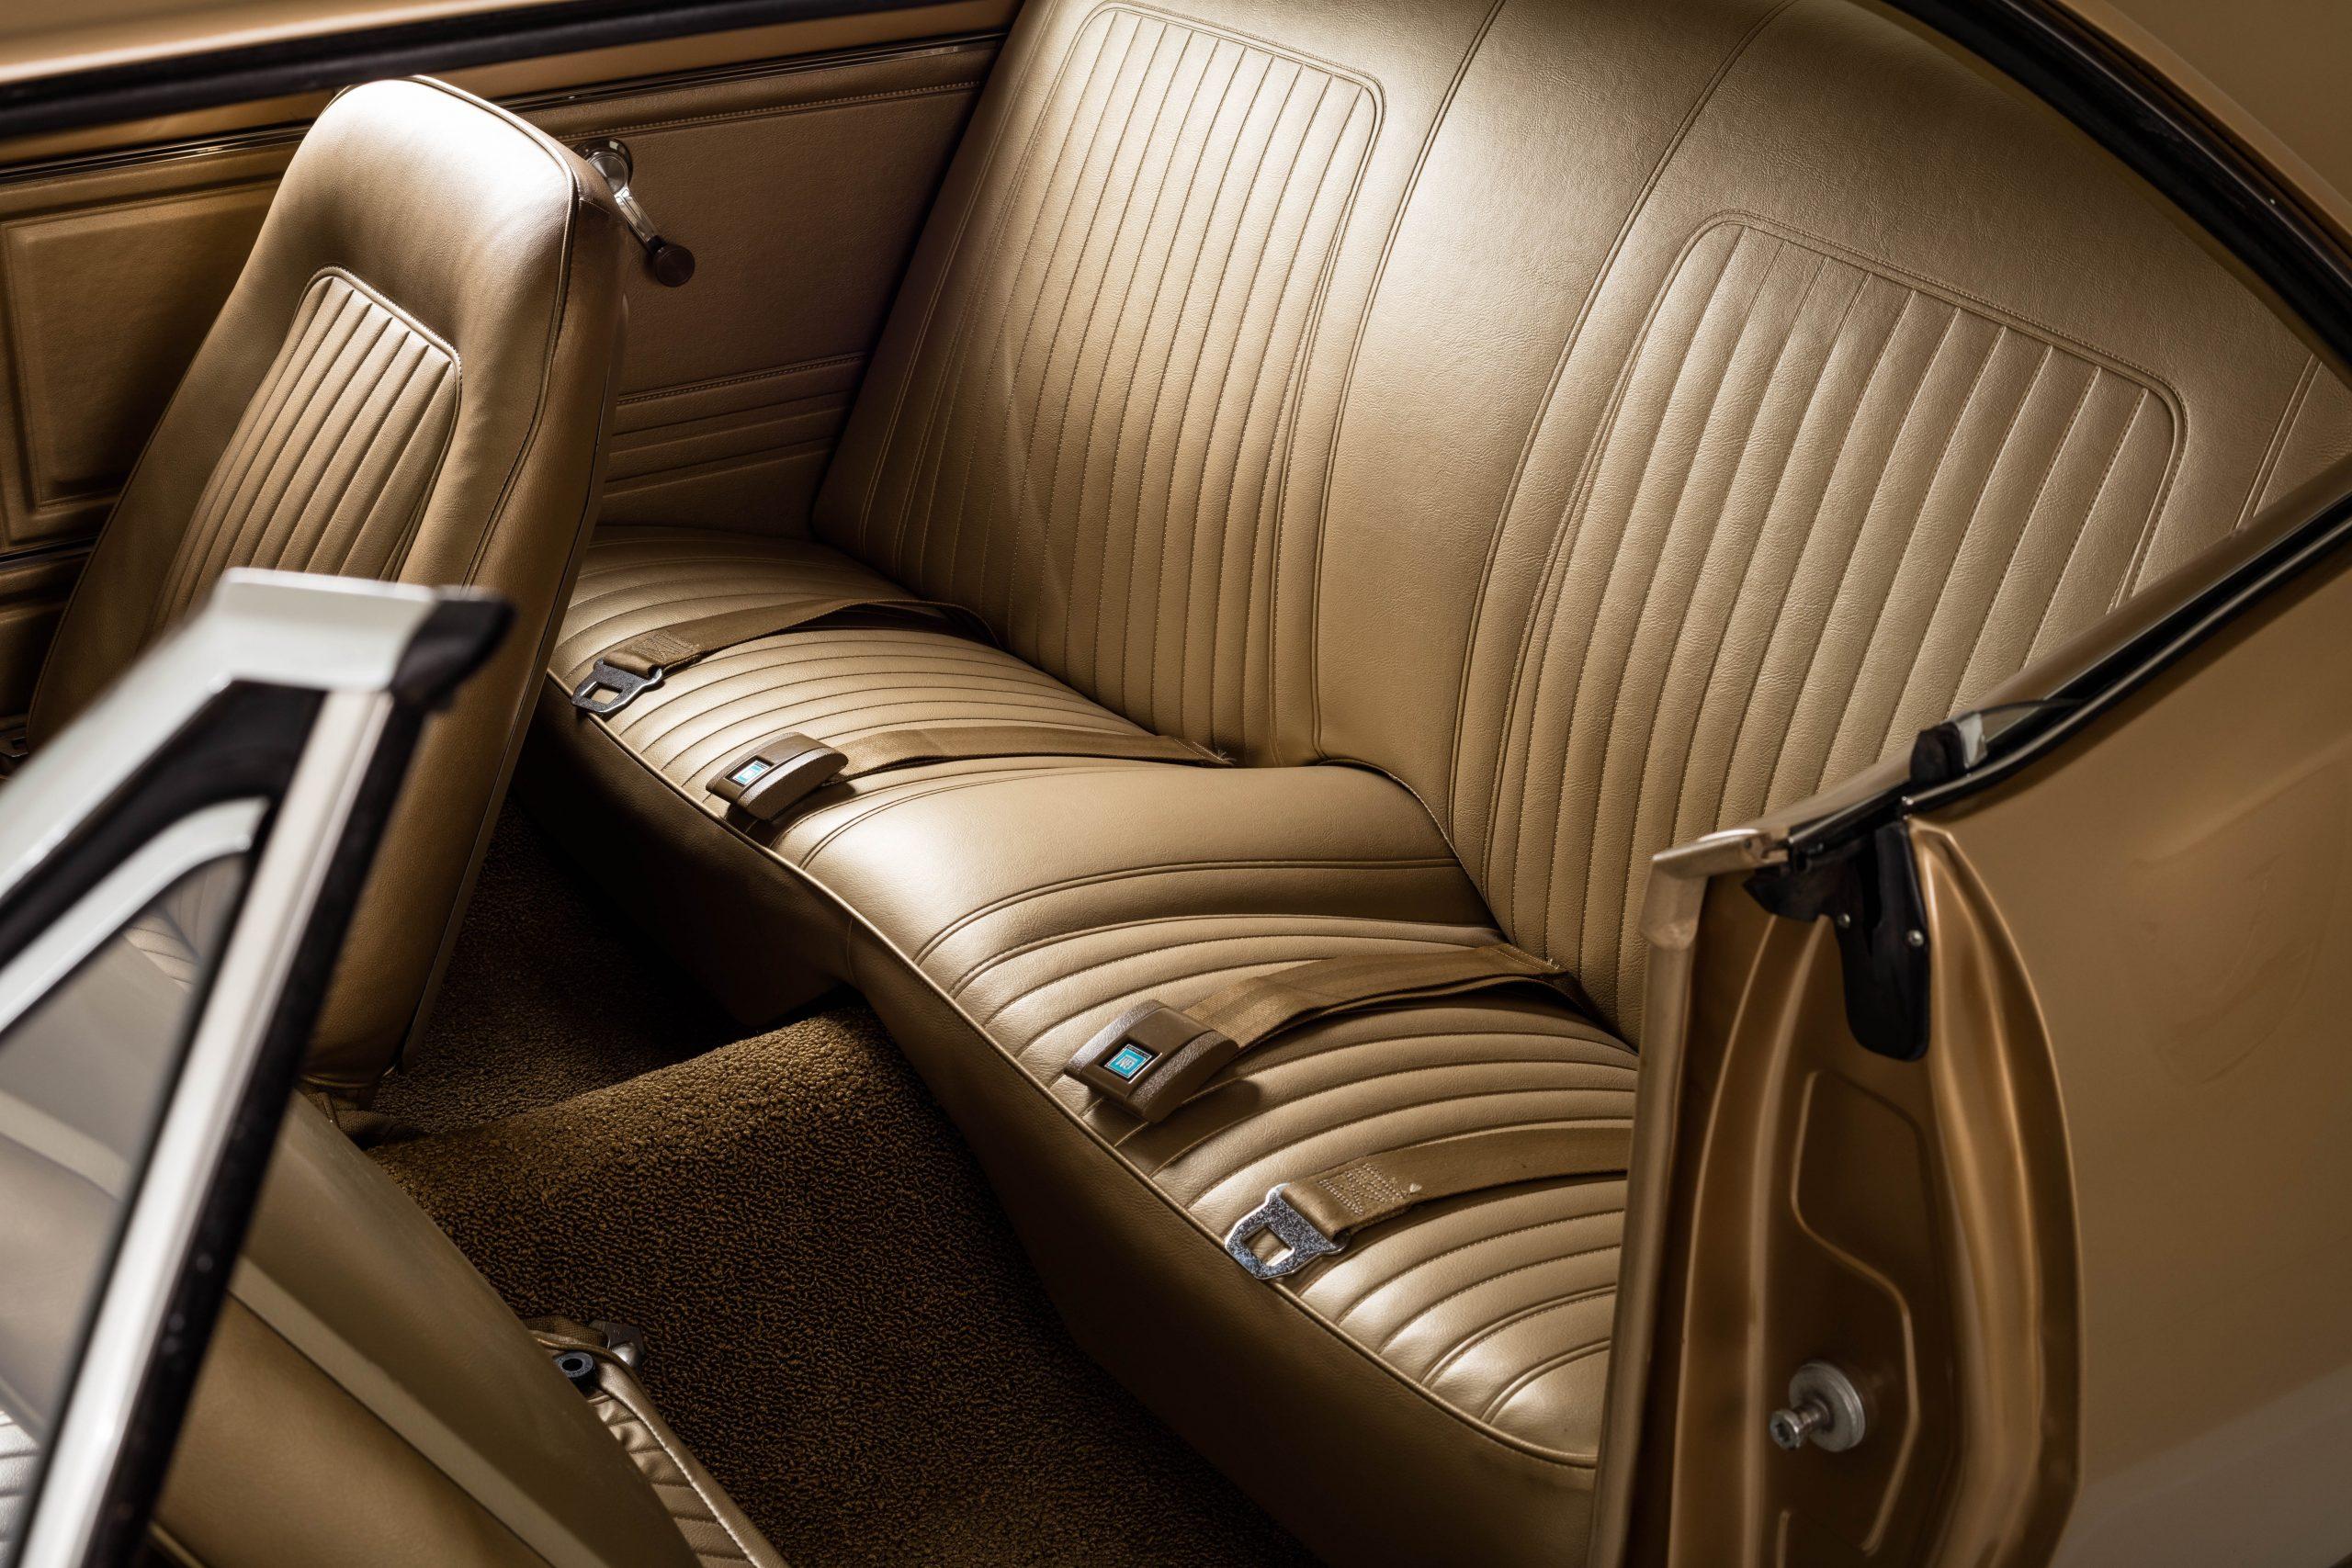 HVA - Chevrolet Camaro N100001 - Interior rear seats